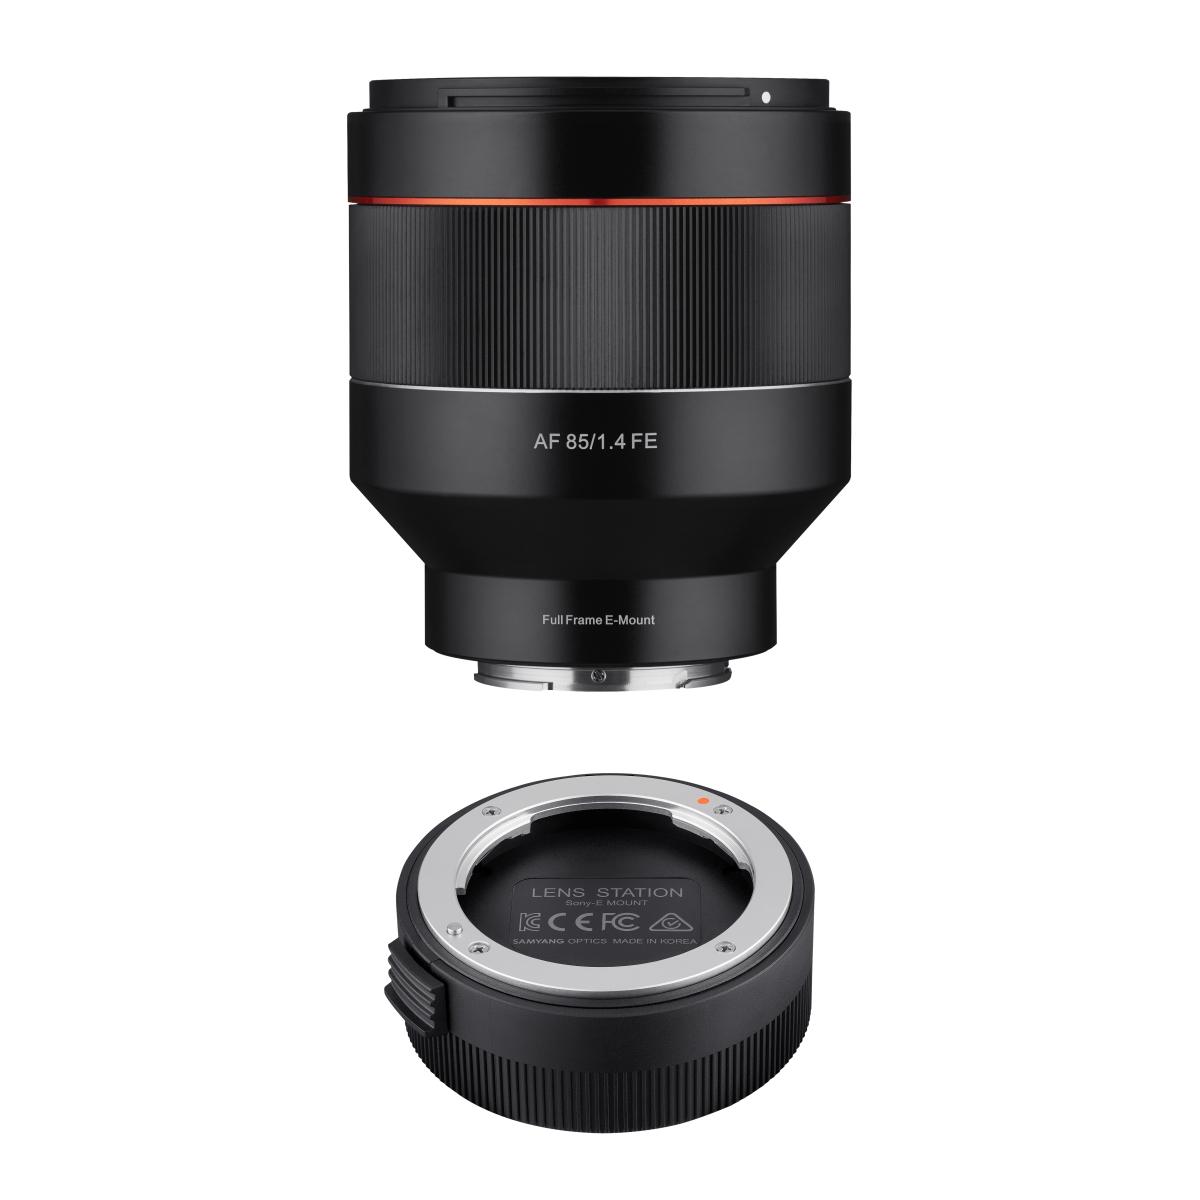 SAMYANG 85mm F1.4 Sony FE + Lens Station